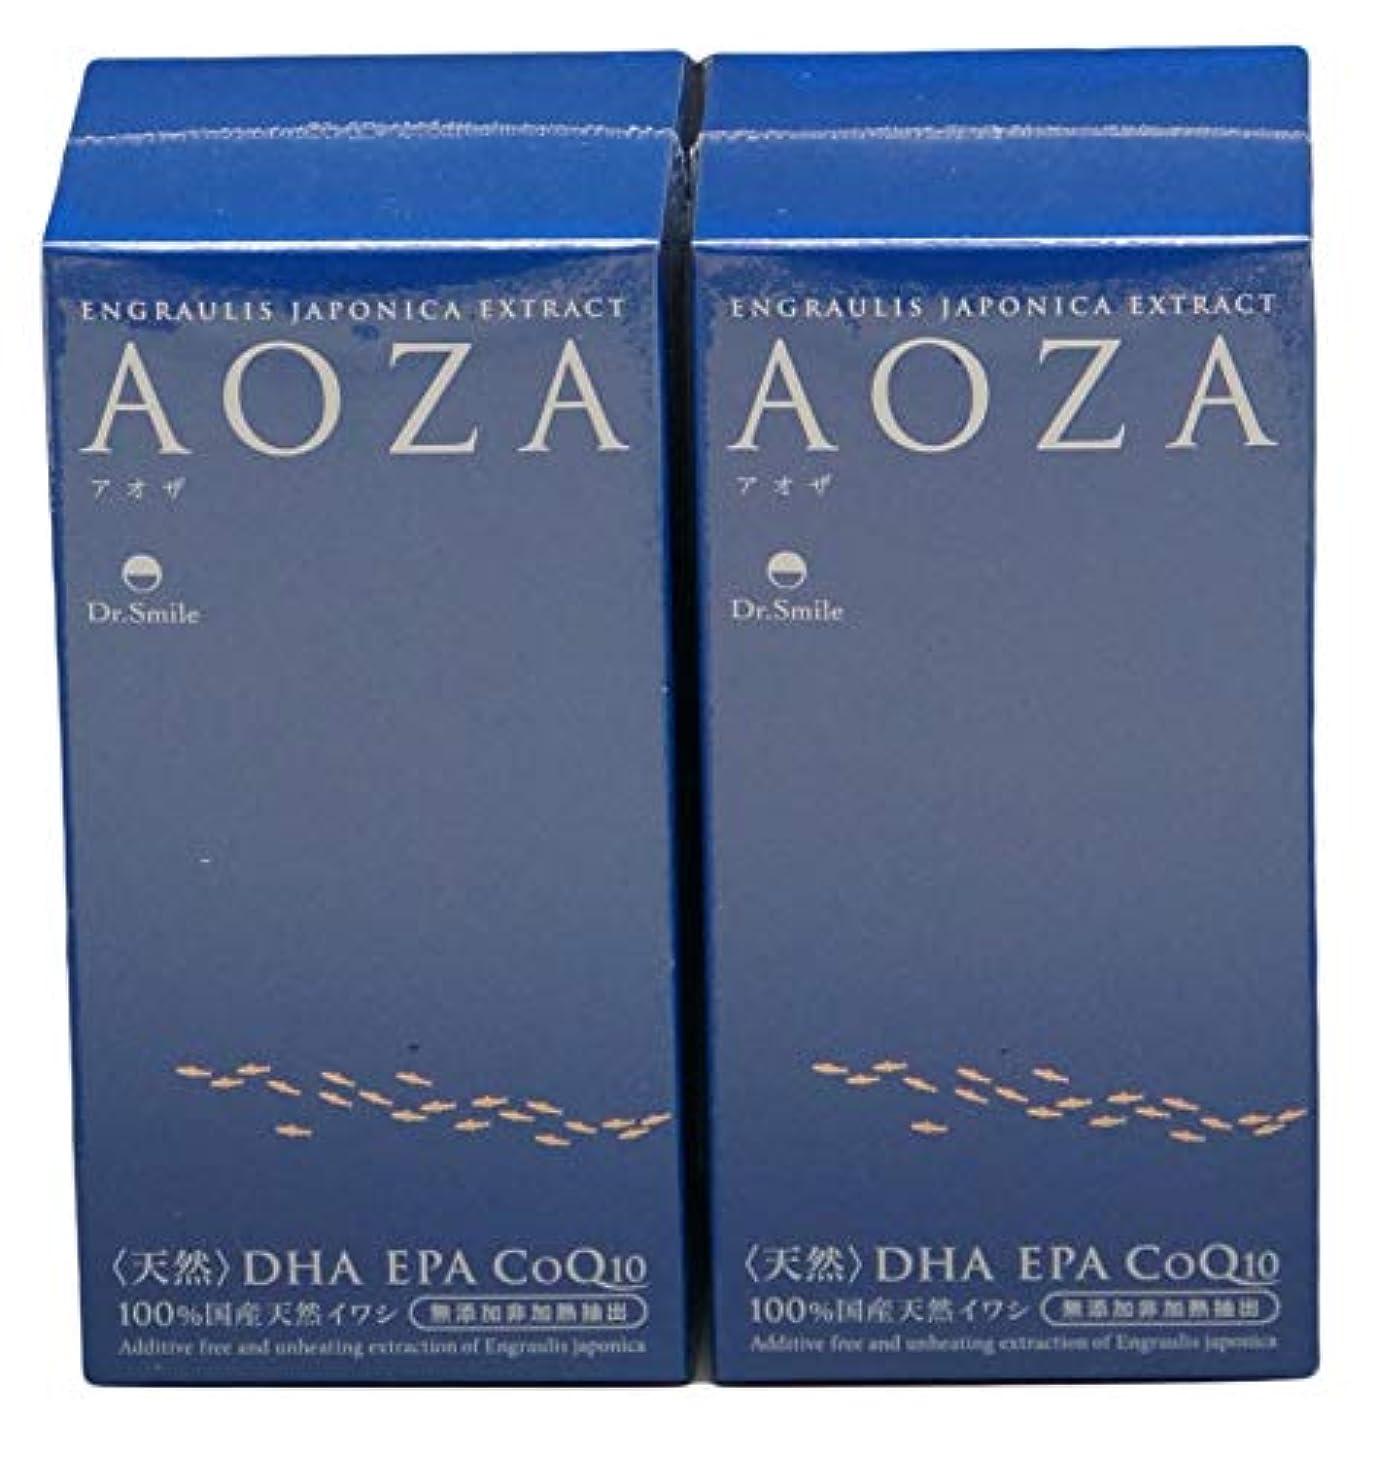 ピアノを弾くインタビューサラミAOZA - アオザ300粒 2個セット ドクタースマイル オメガ3(DHA?EPA?コエンザイムQ10)含有サプリメント